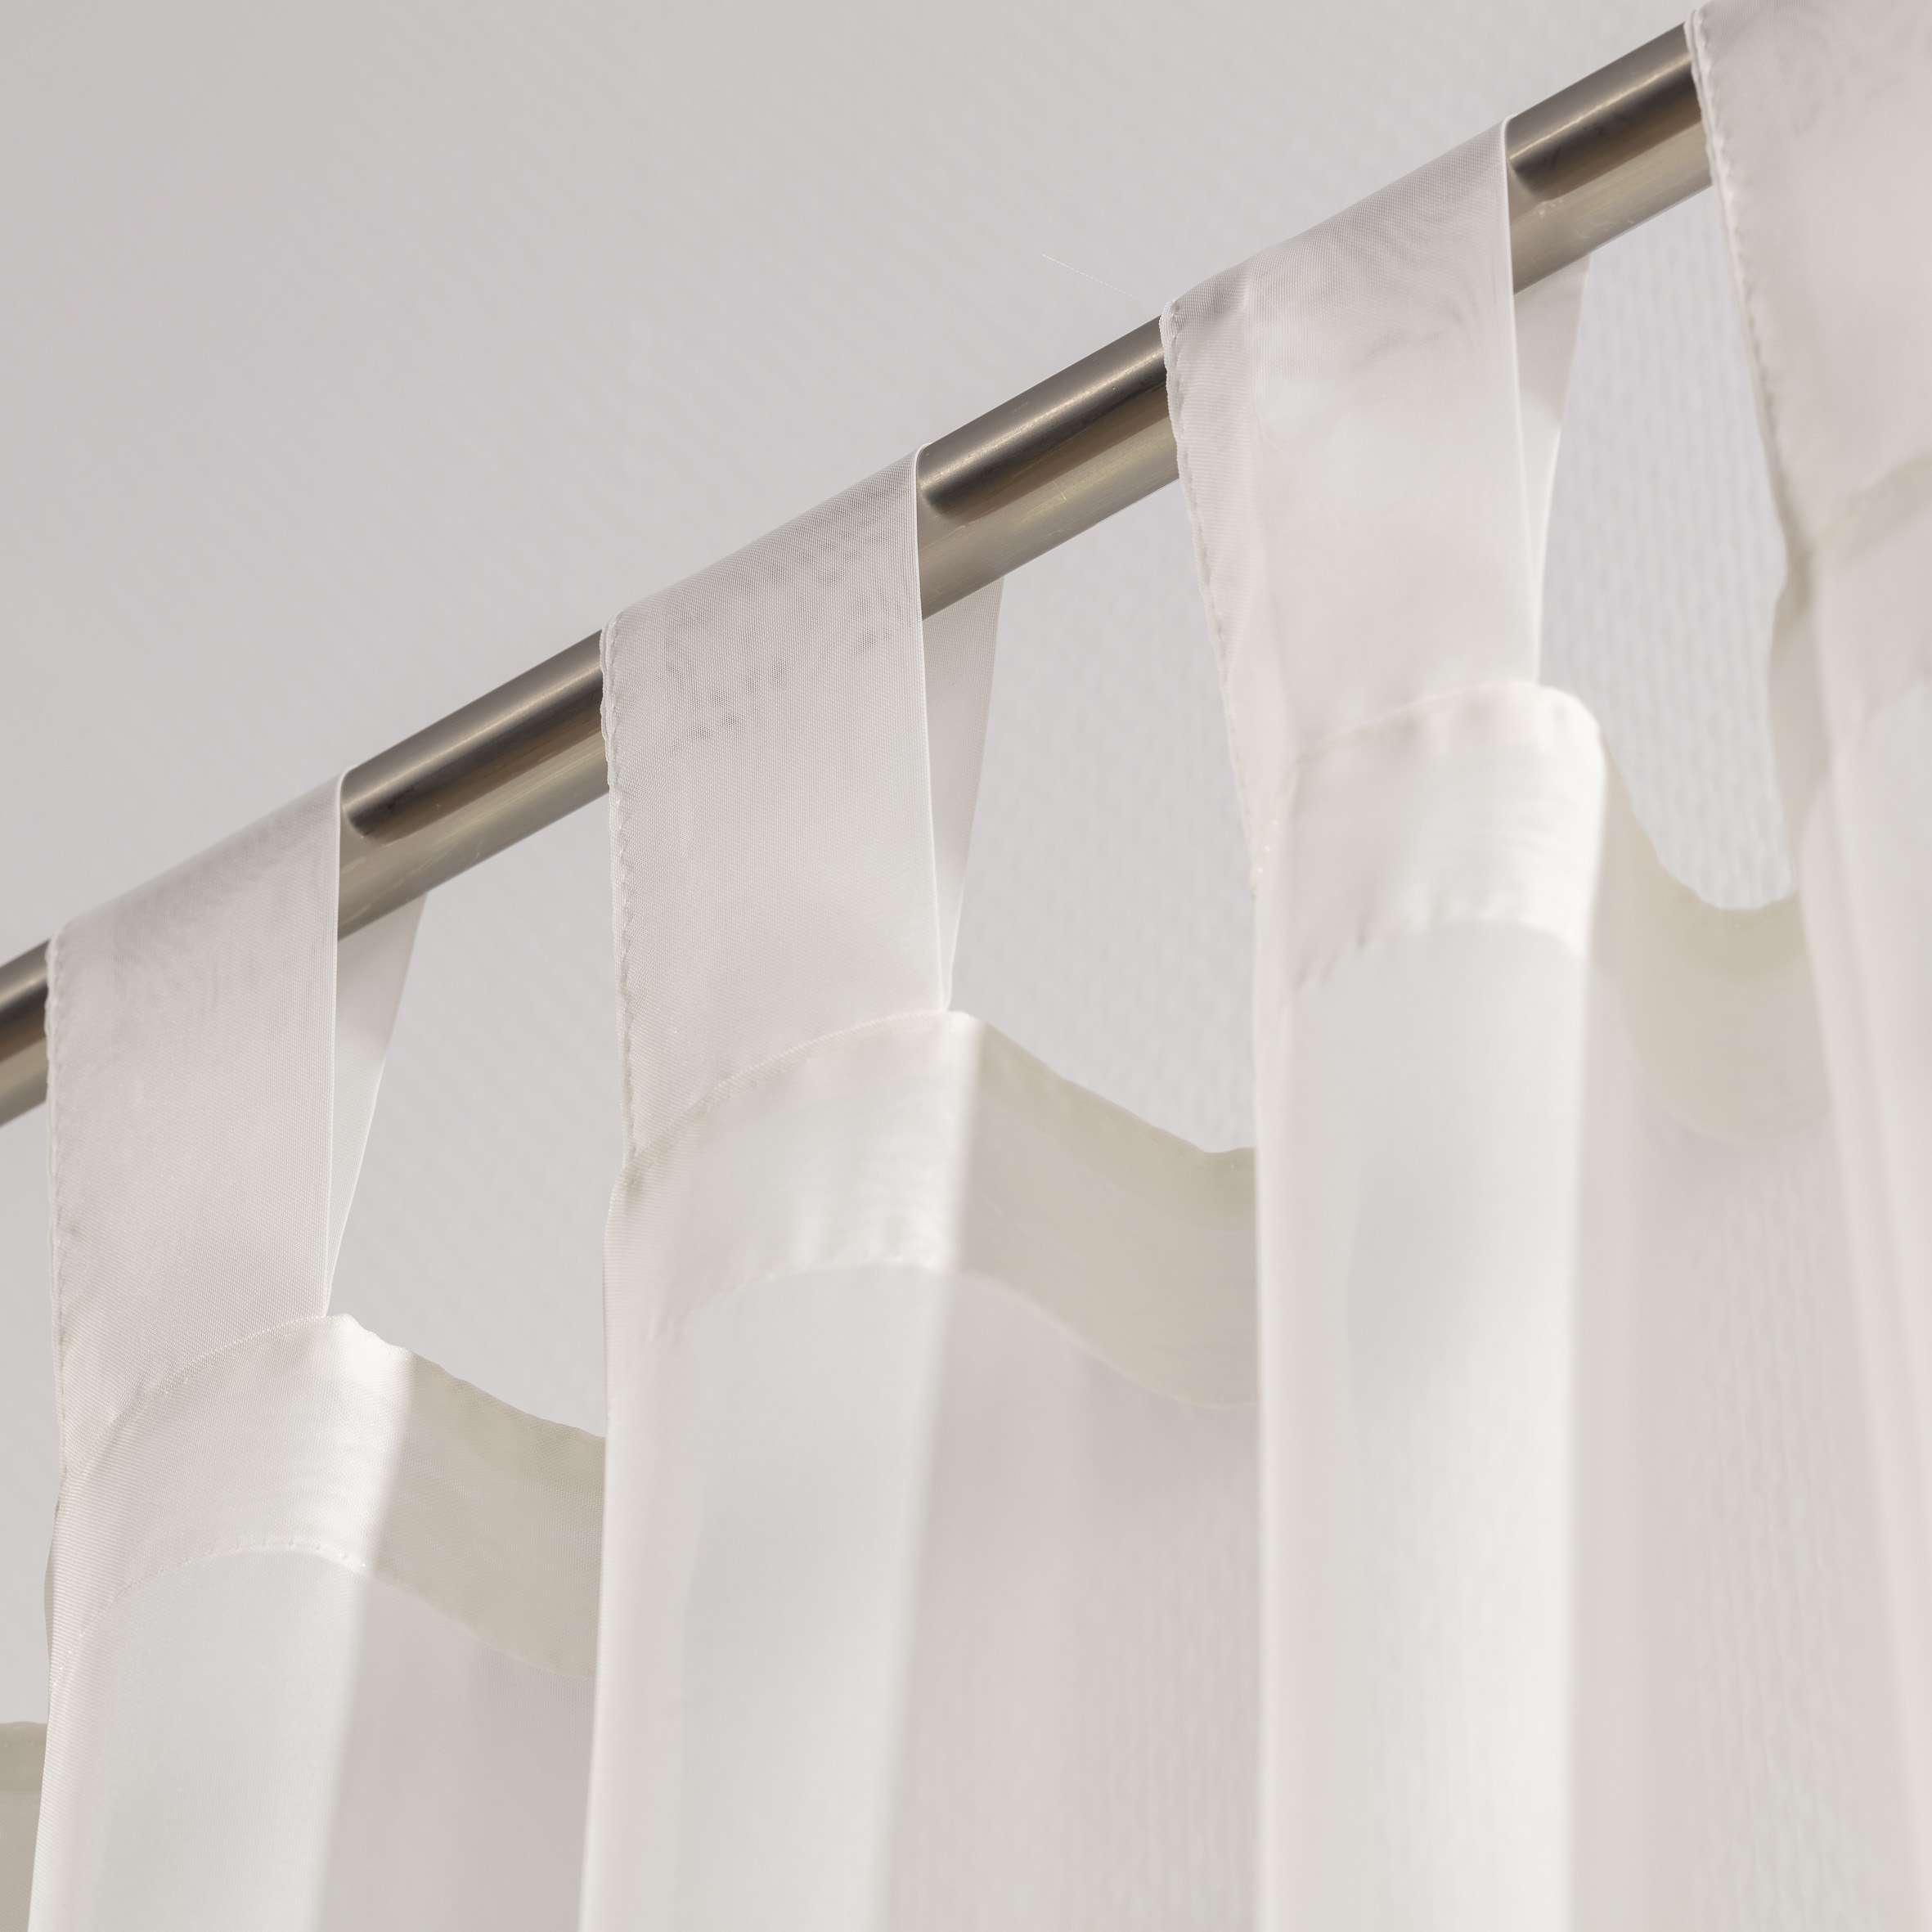 Záclona voálová jednoduchá na poutka na míru v kolekci Voile - Voál, látka: 900-01